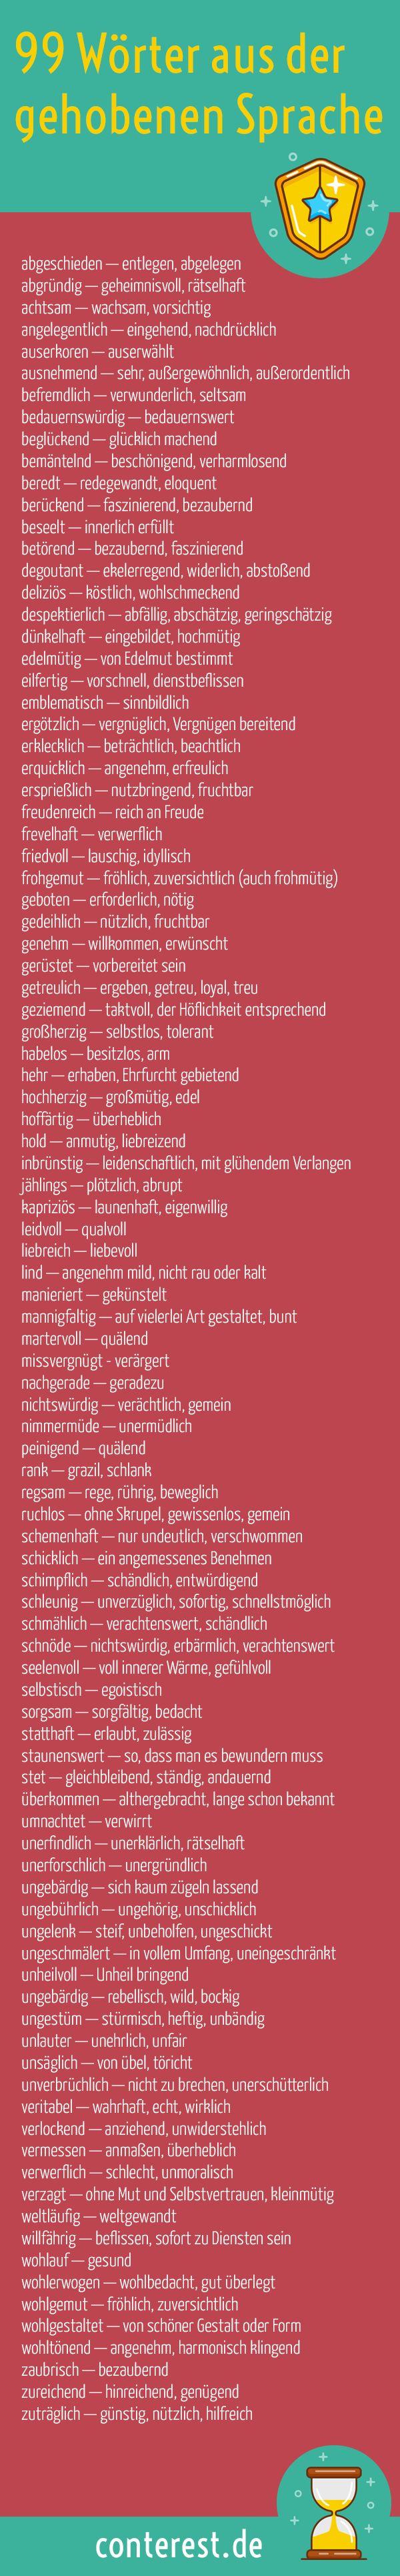 99 Wörter aus der gehobenen Sprache für spannendere Blogtexte